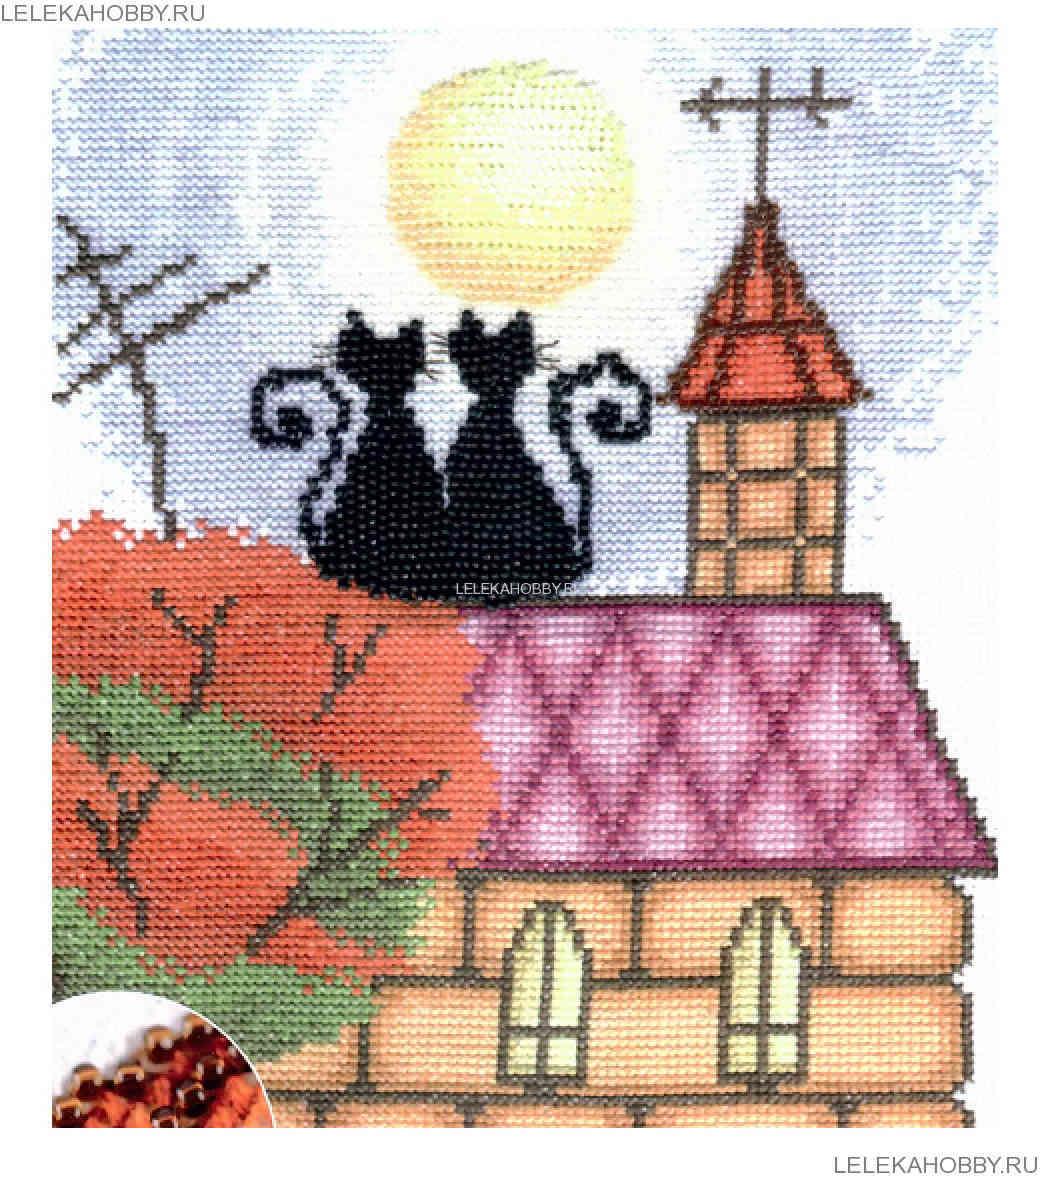 Вышивка крестом коты на крыше